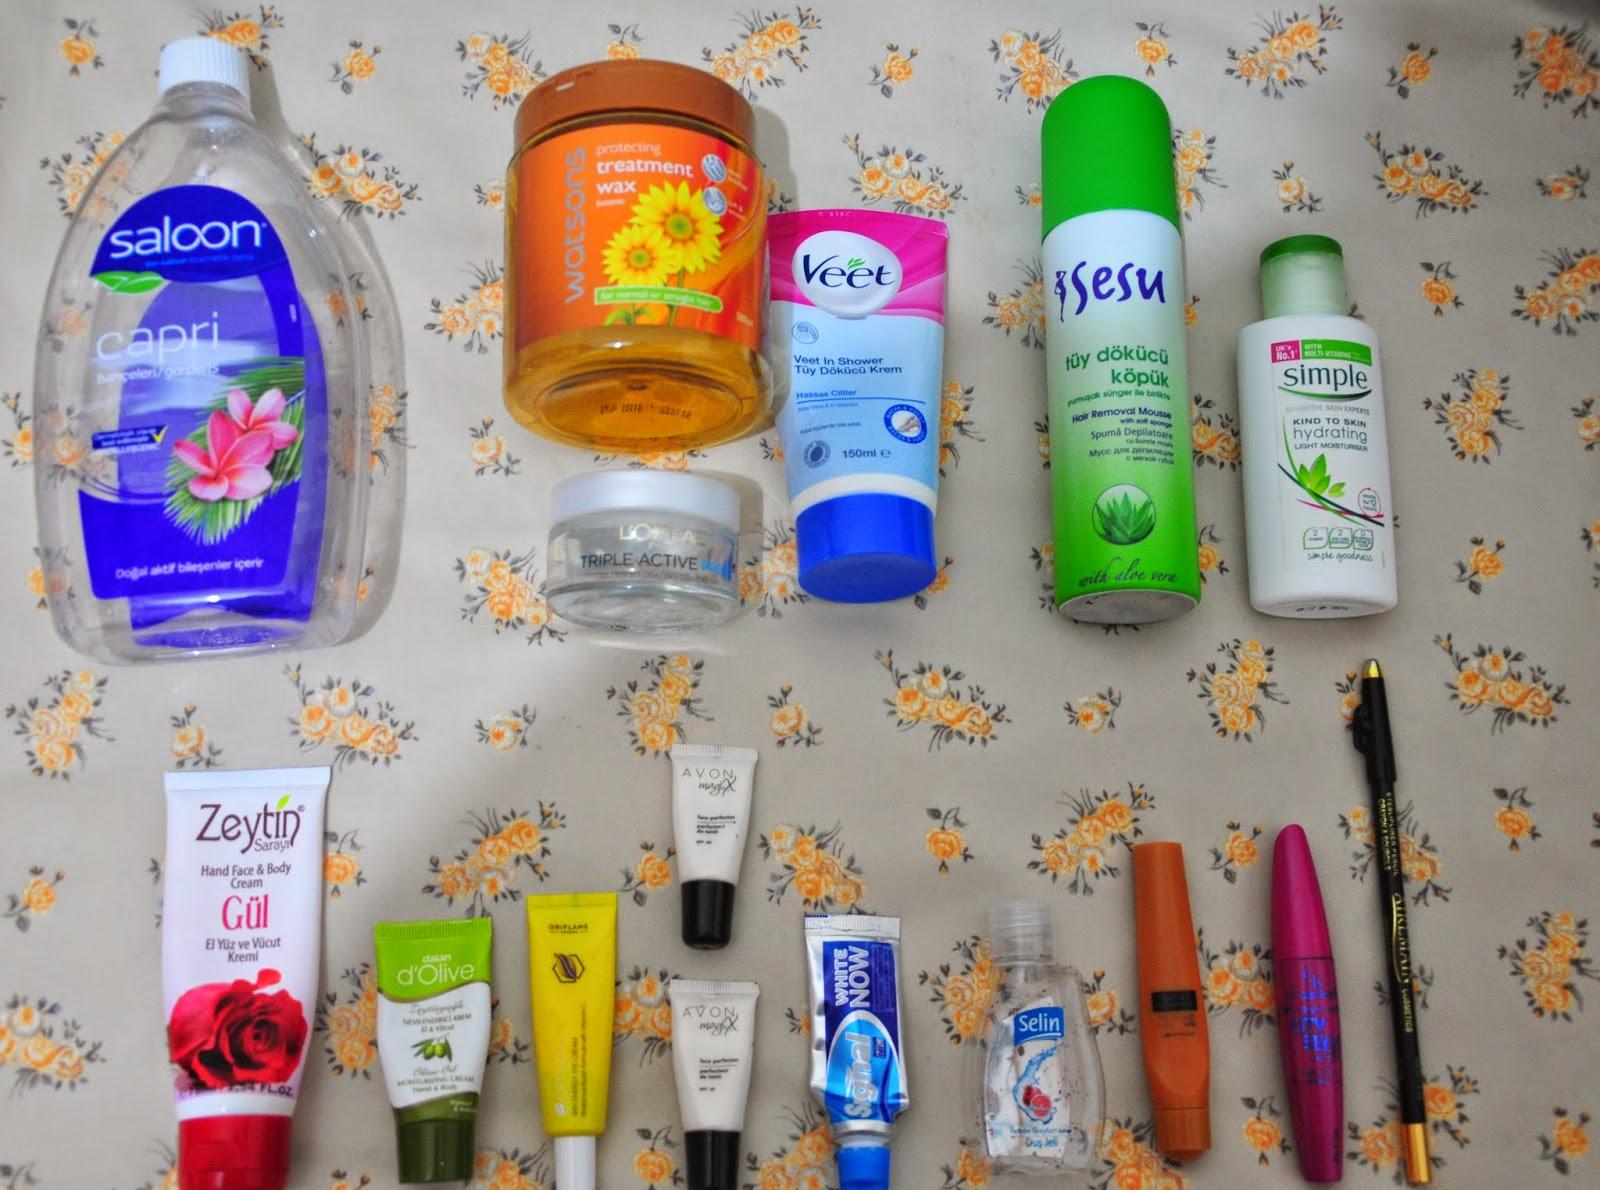 Sabun köpüğü - her yaş için heyecan verici bir aktivite